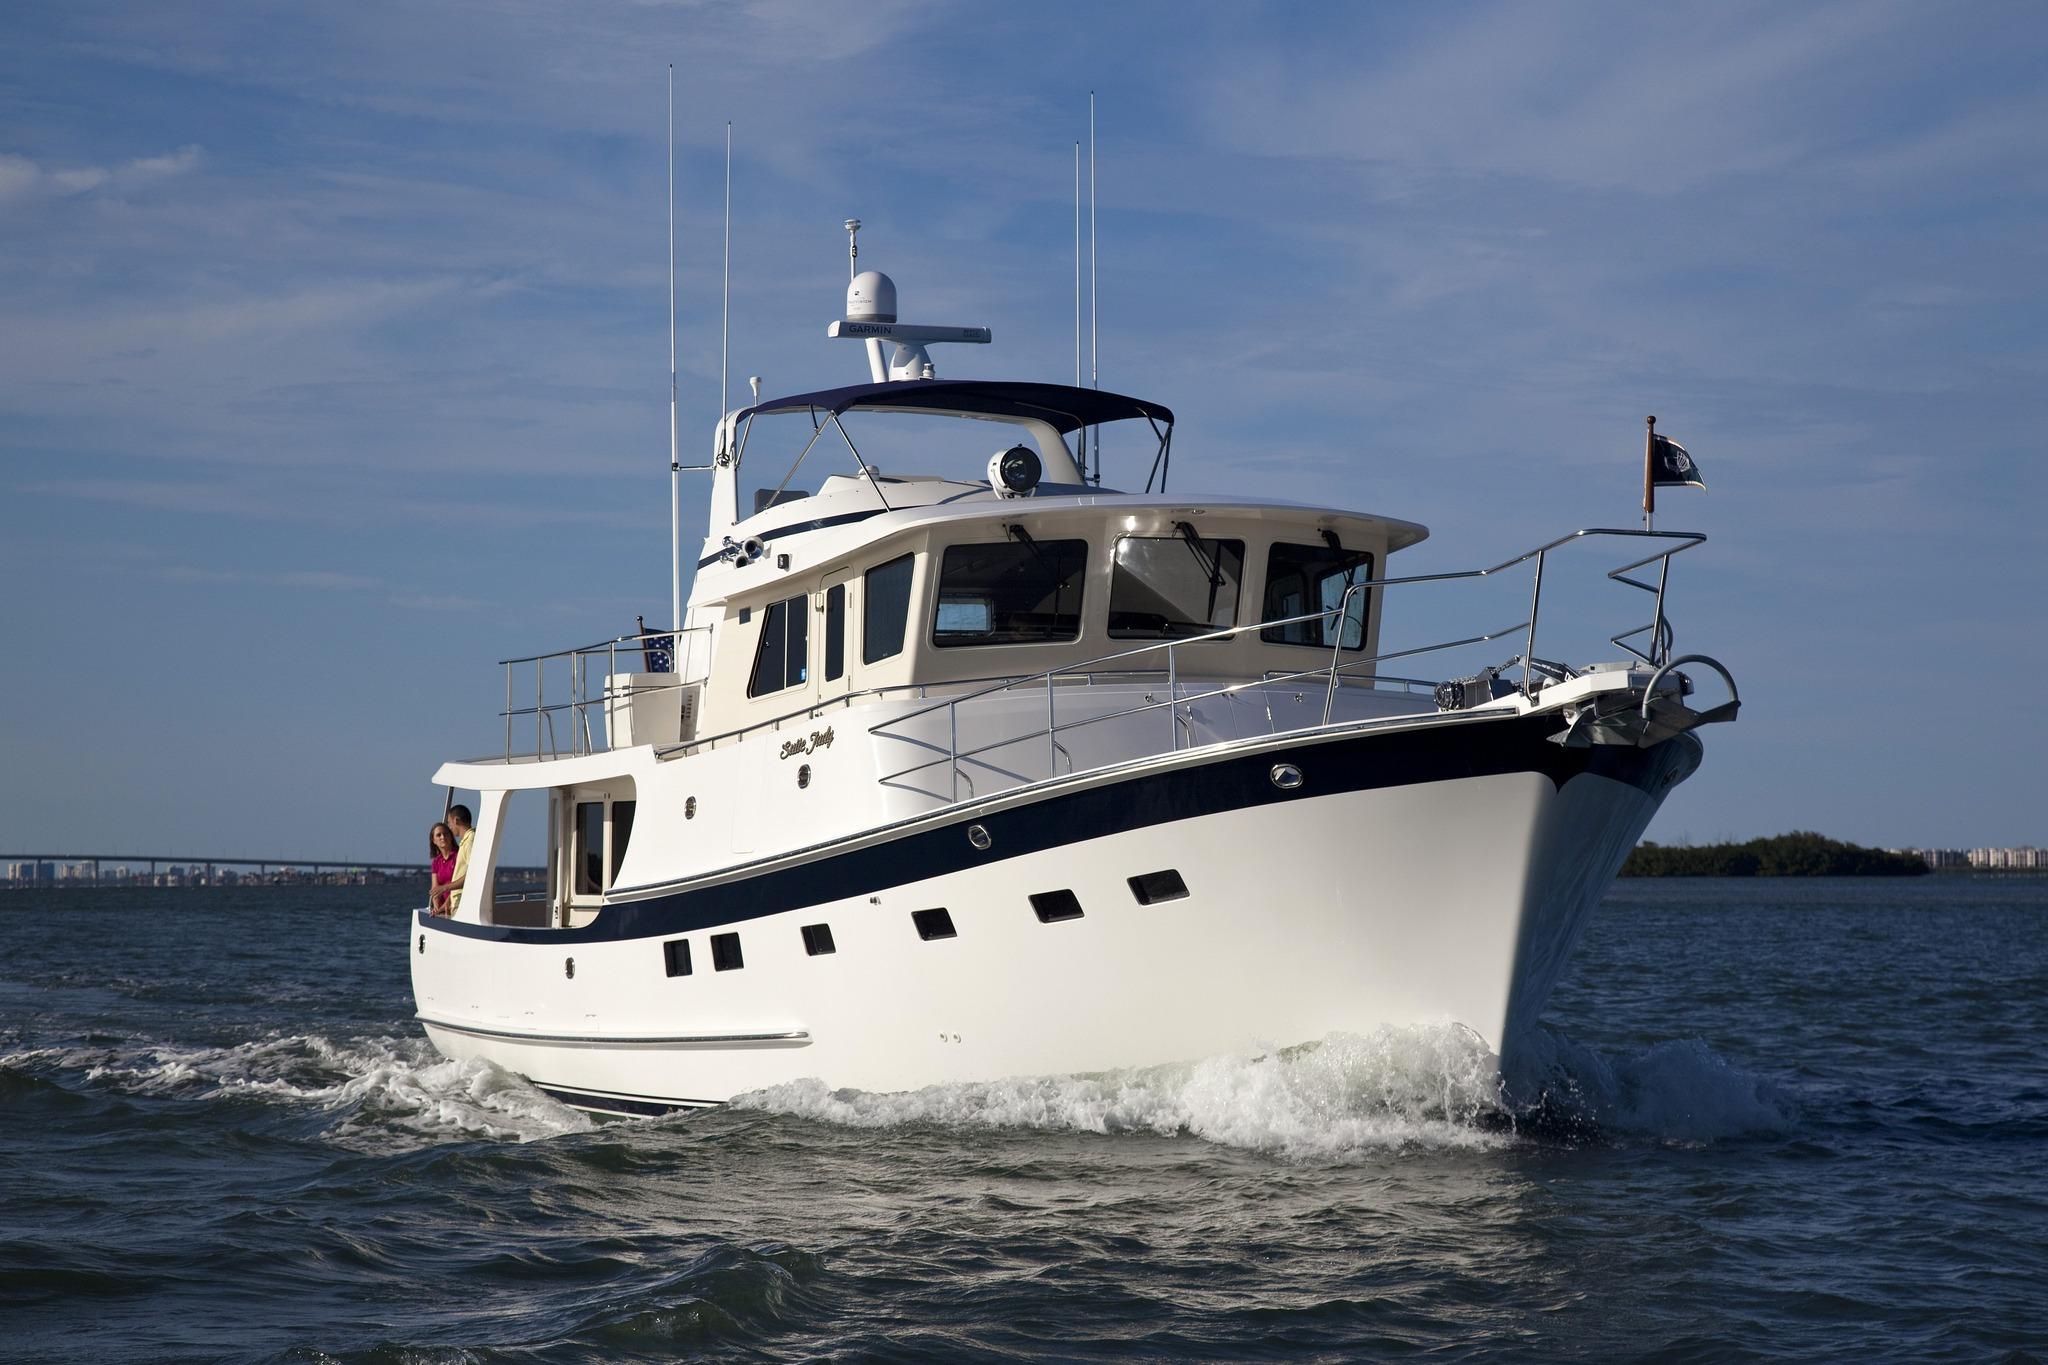 2018 krogen 52 u0026 39  power boat for sale